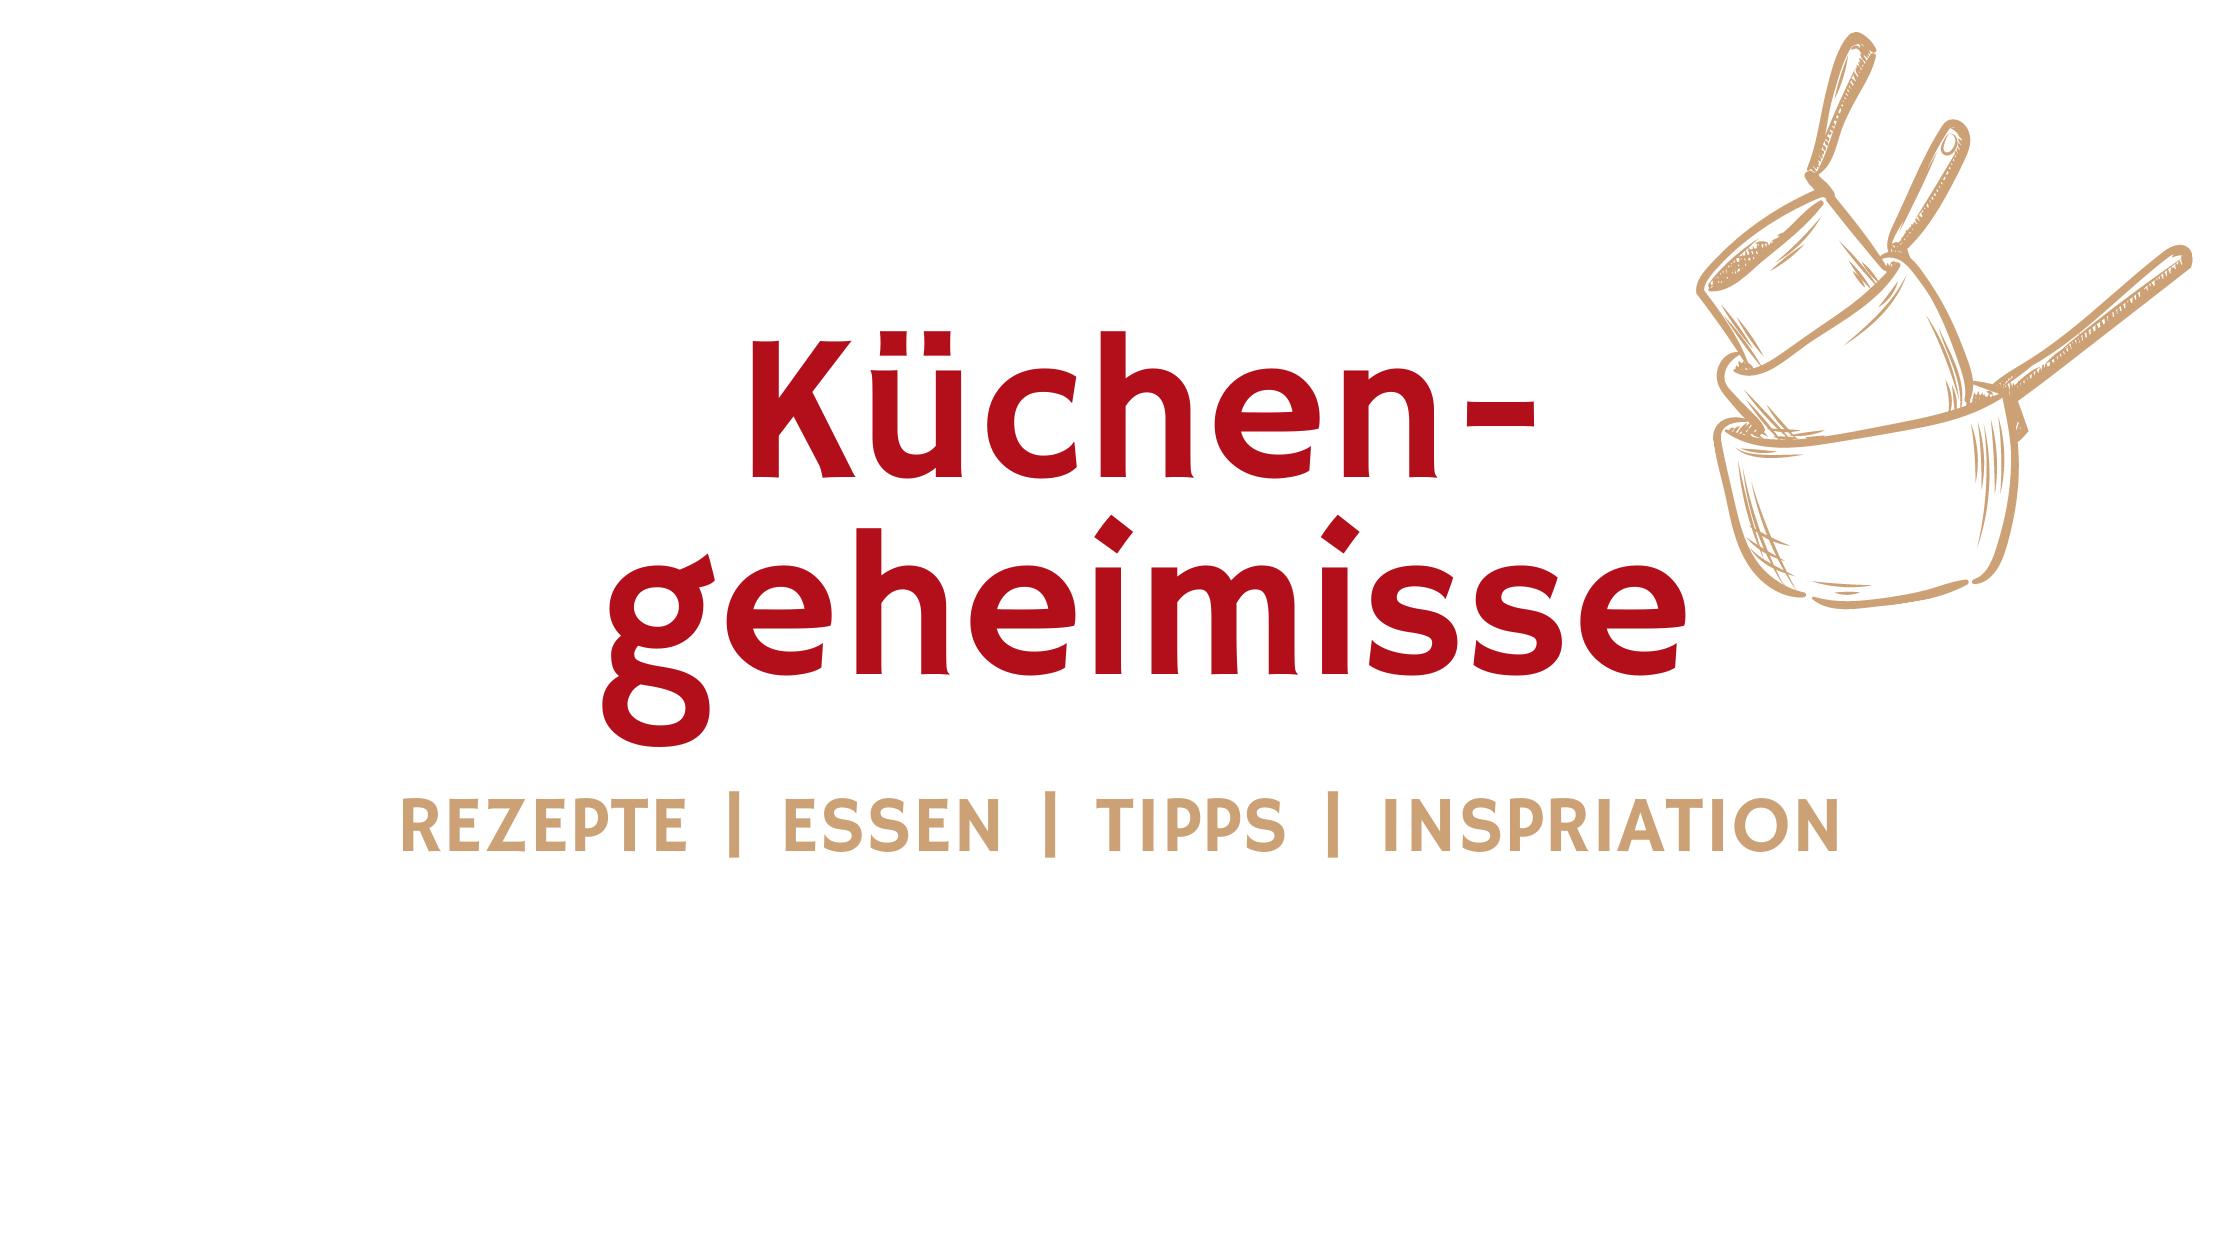 Küchengeheimnisse Aktuelles Brauner Hirsch Waller